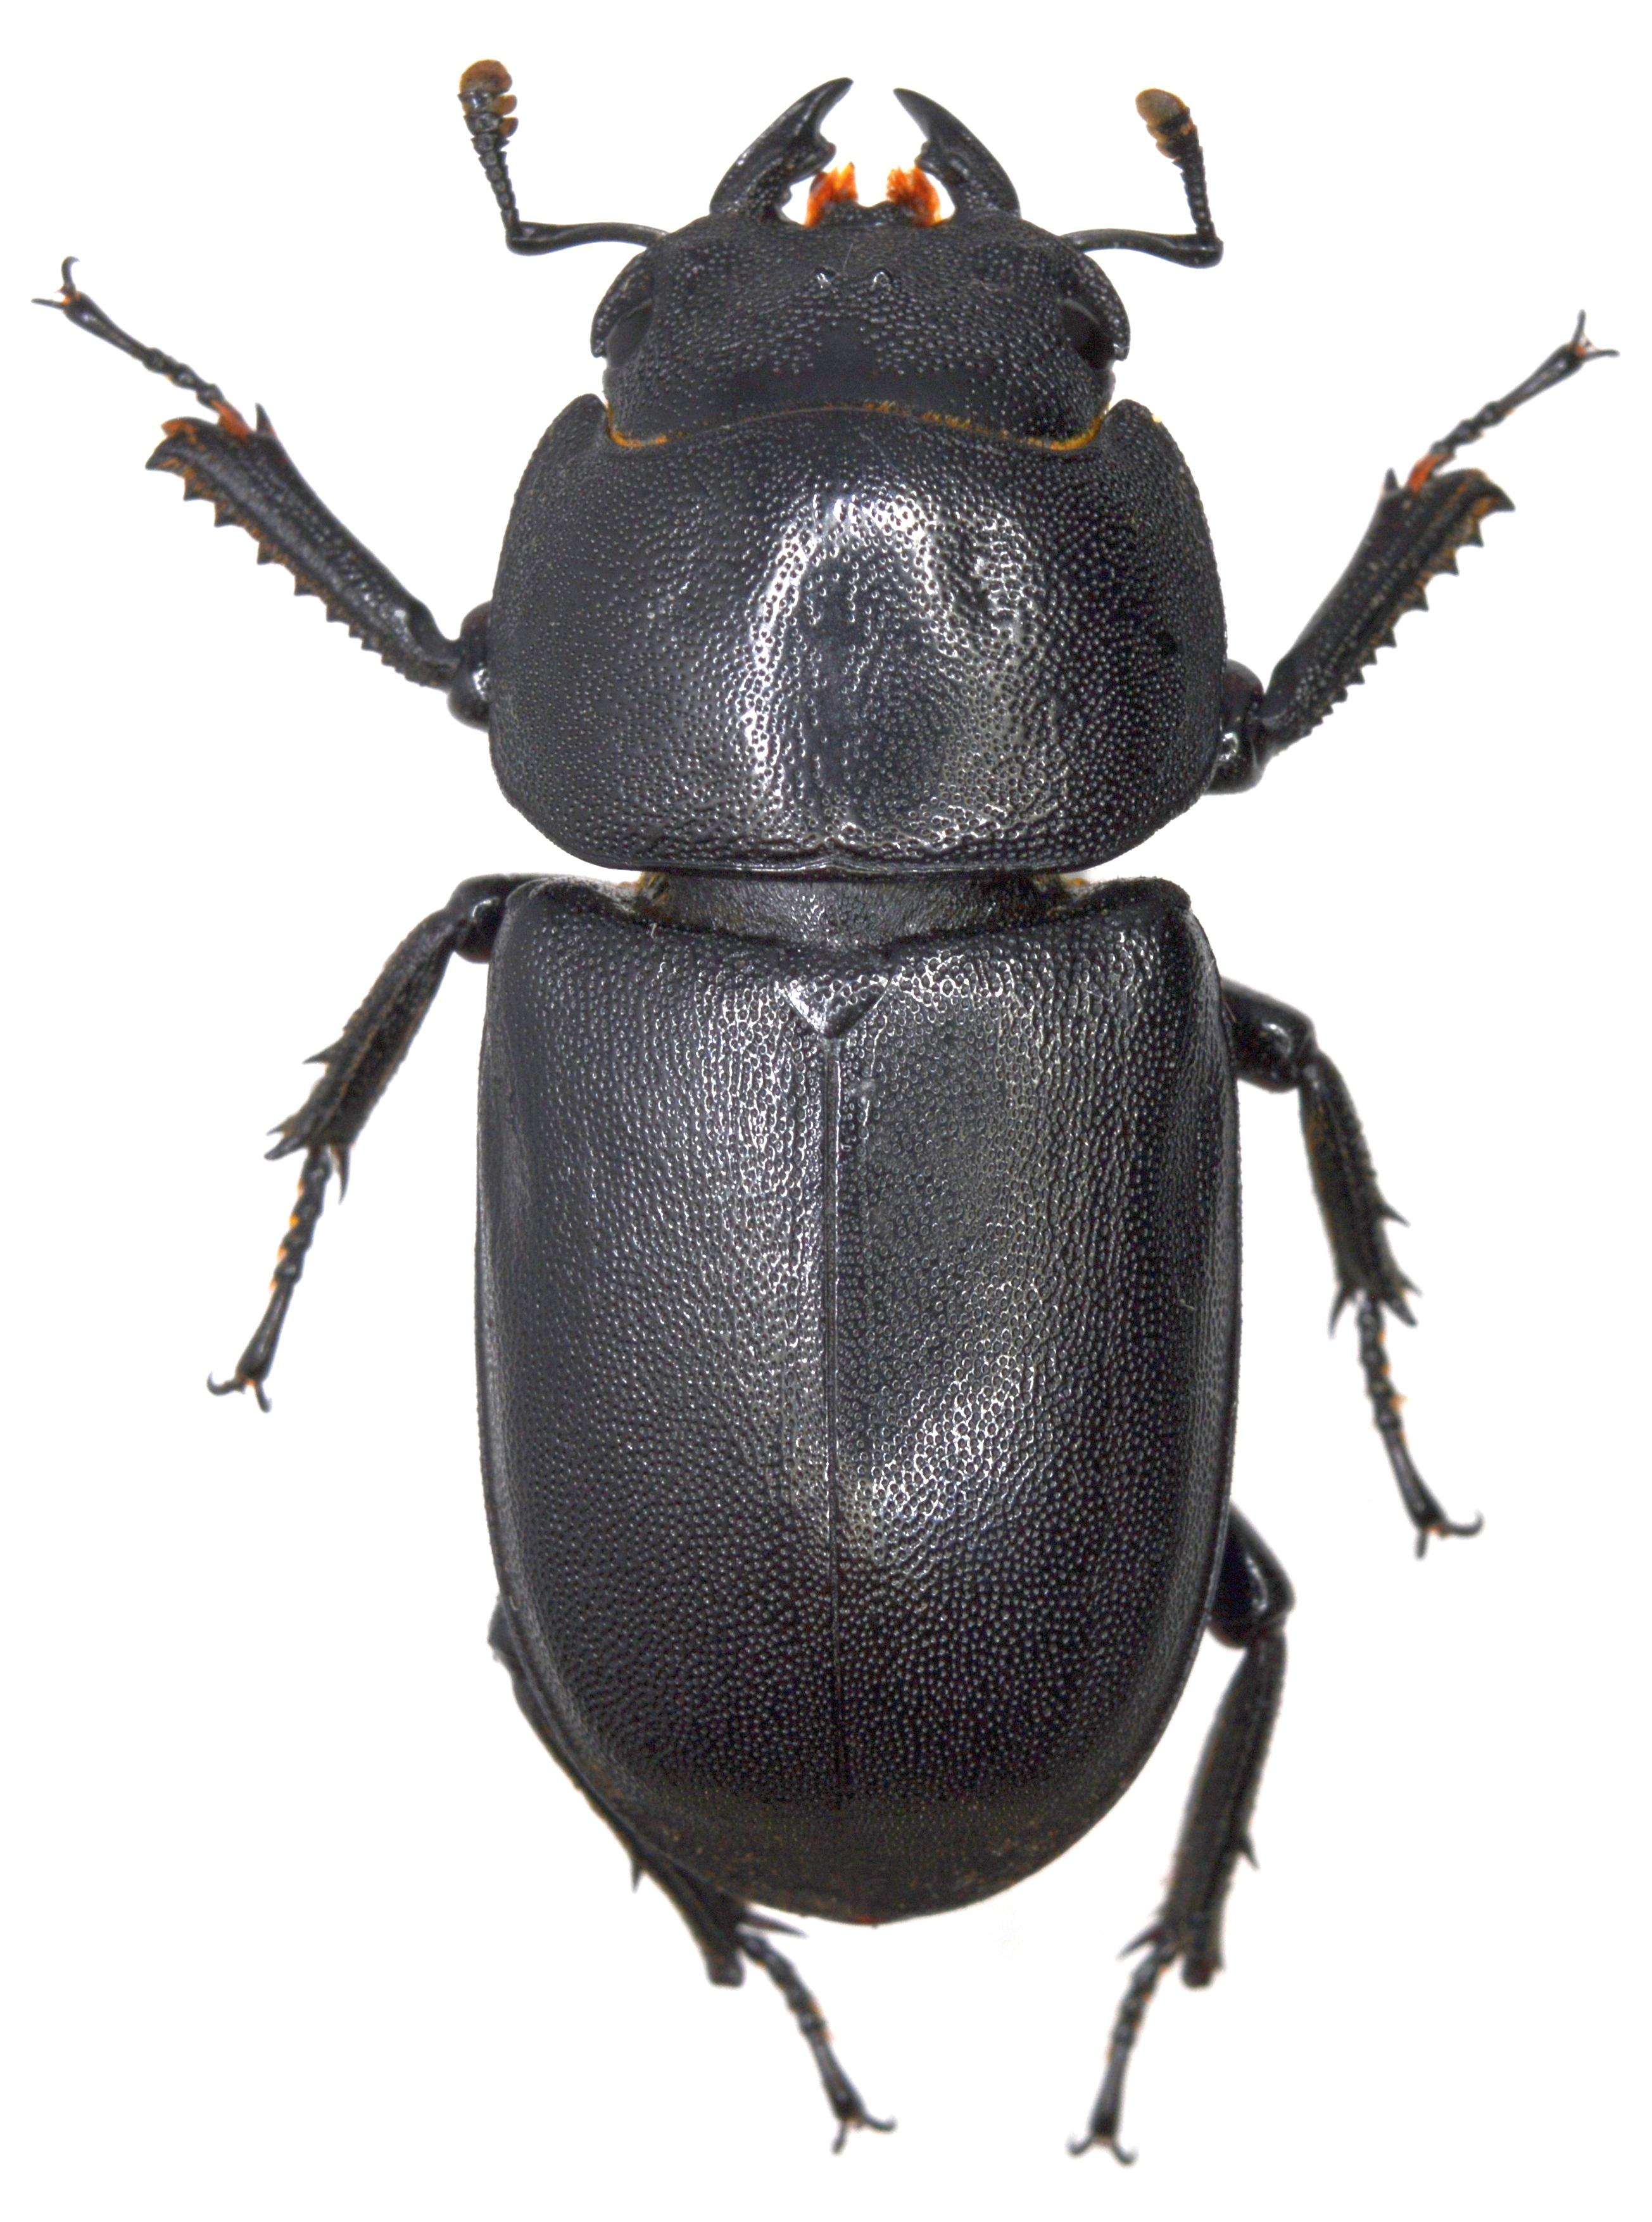 Dorcus parallelipipedus ♀